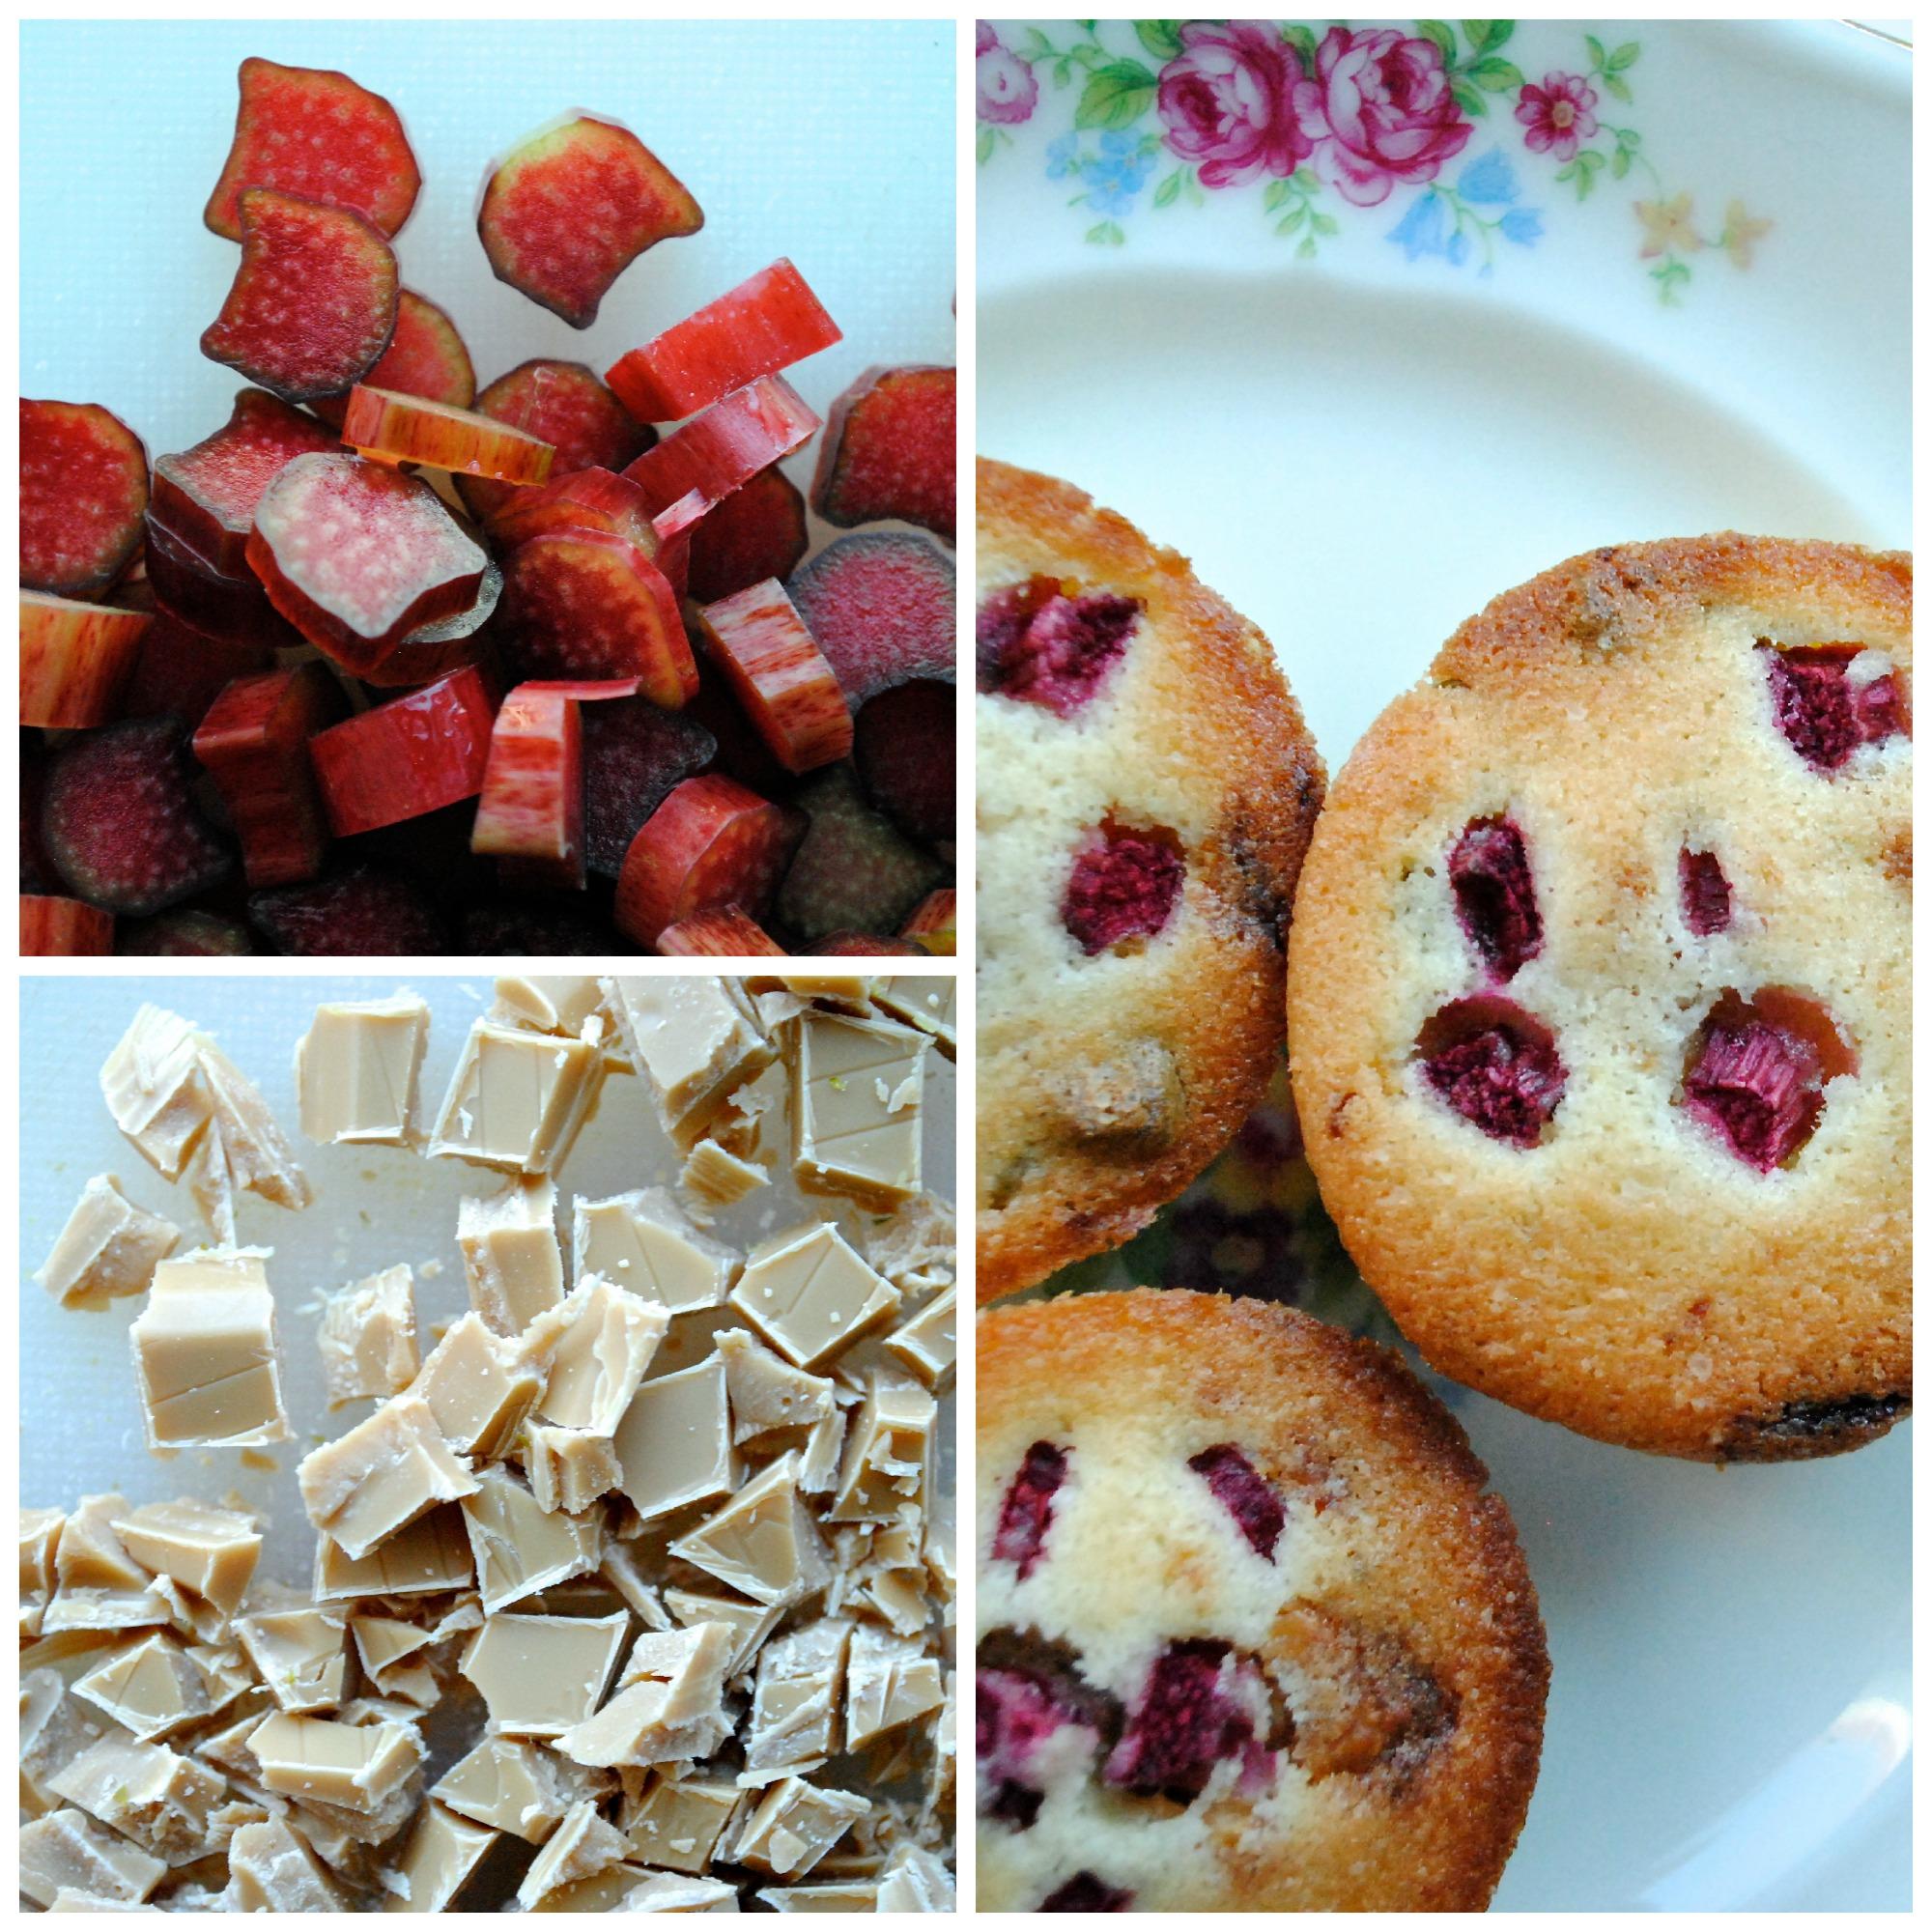 Små kager med Dulcey, pistacier og rabarber